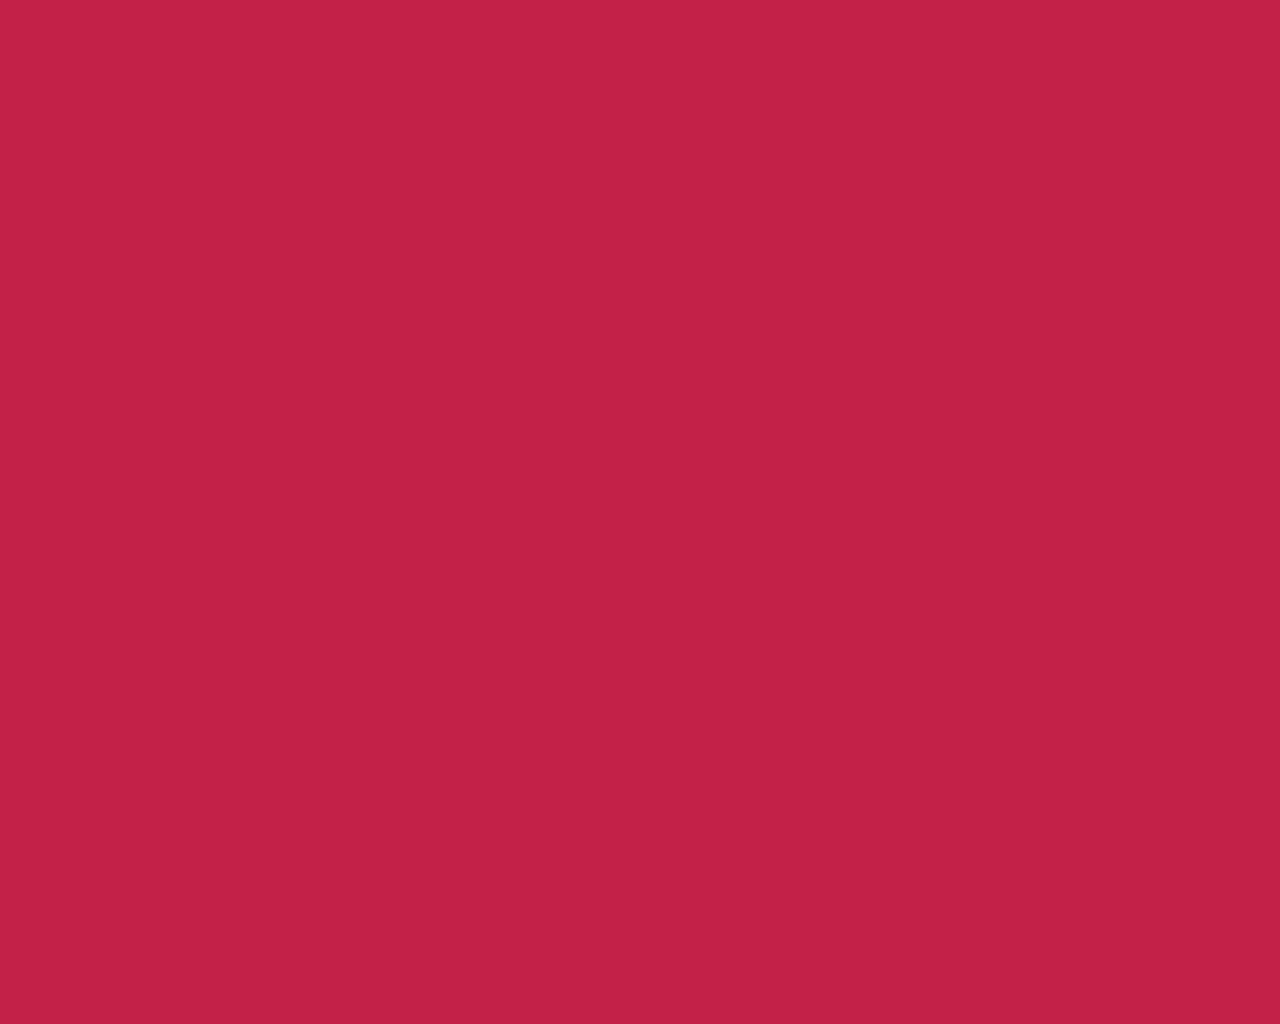 1280x1024 Maroon Crayola Solid Color Background